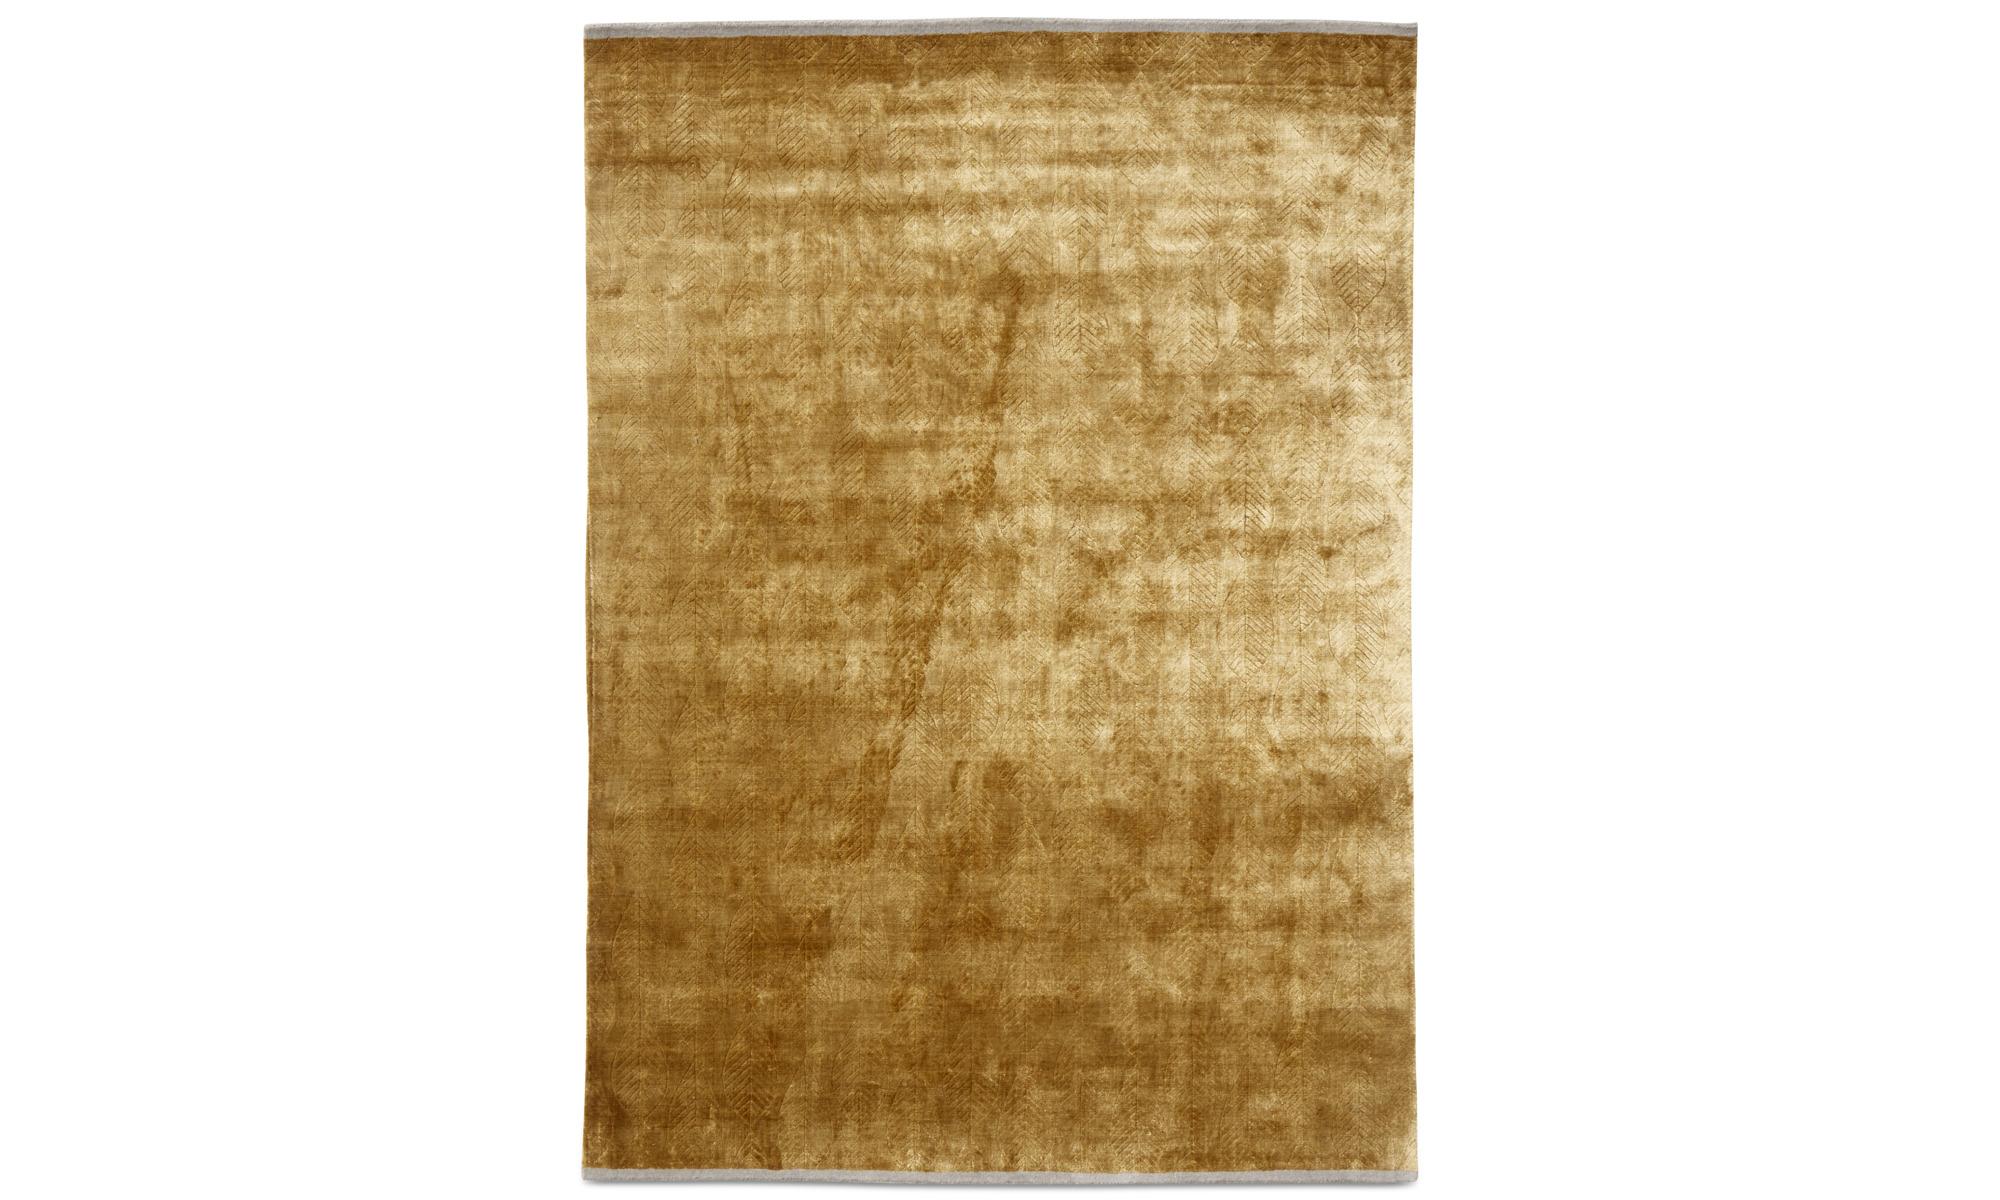 Teppiche - Elpida Teppich - rechteckig - Gelb - Viskose